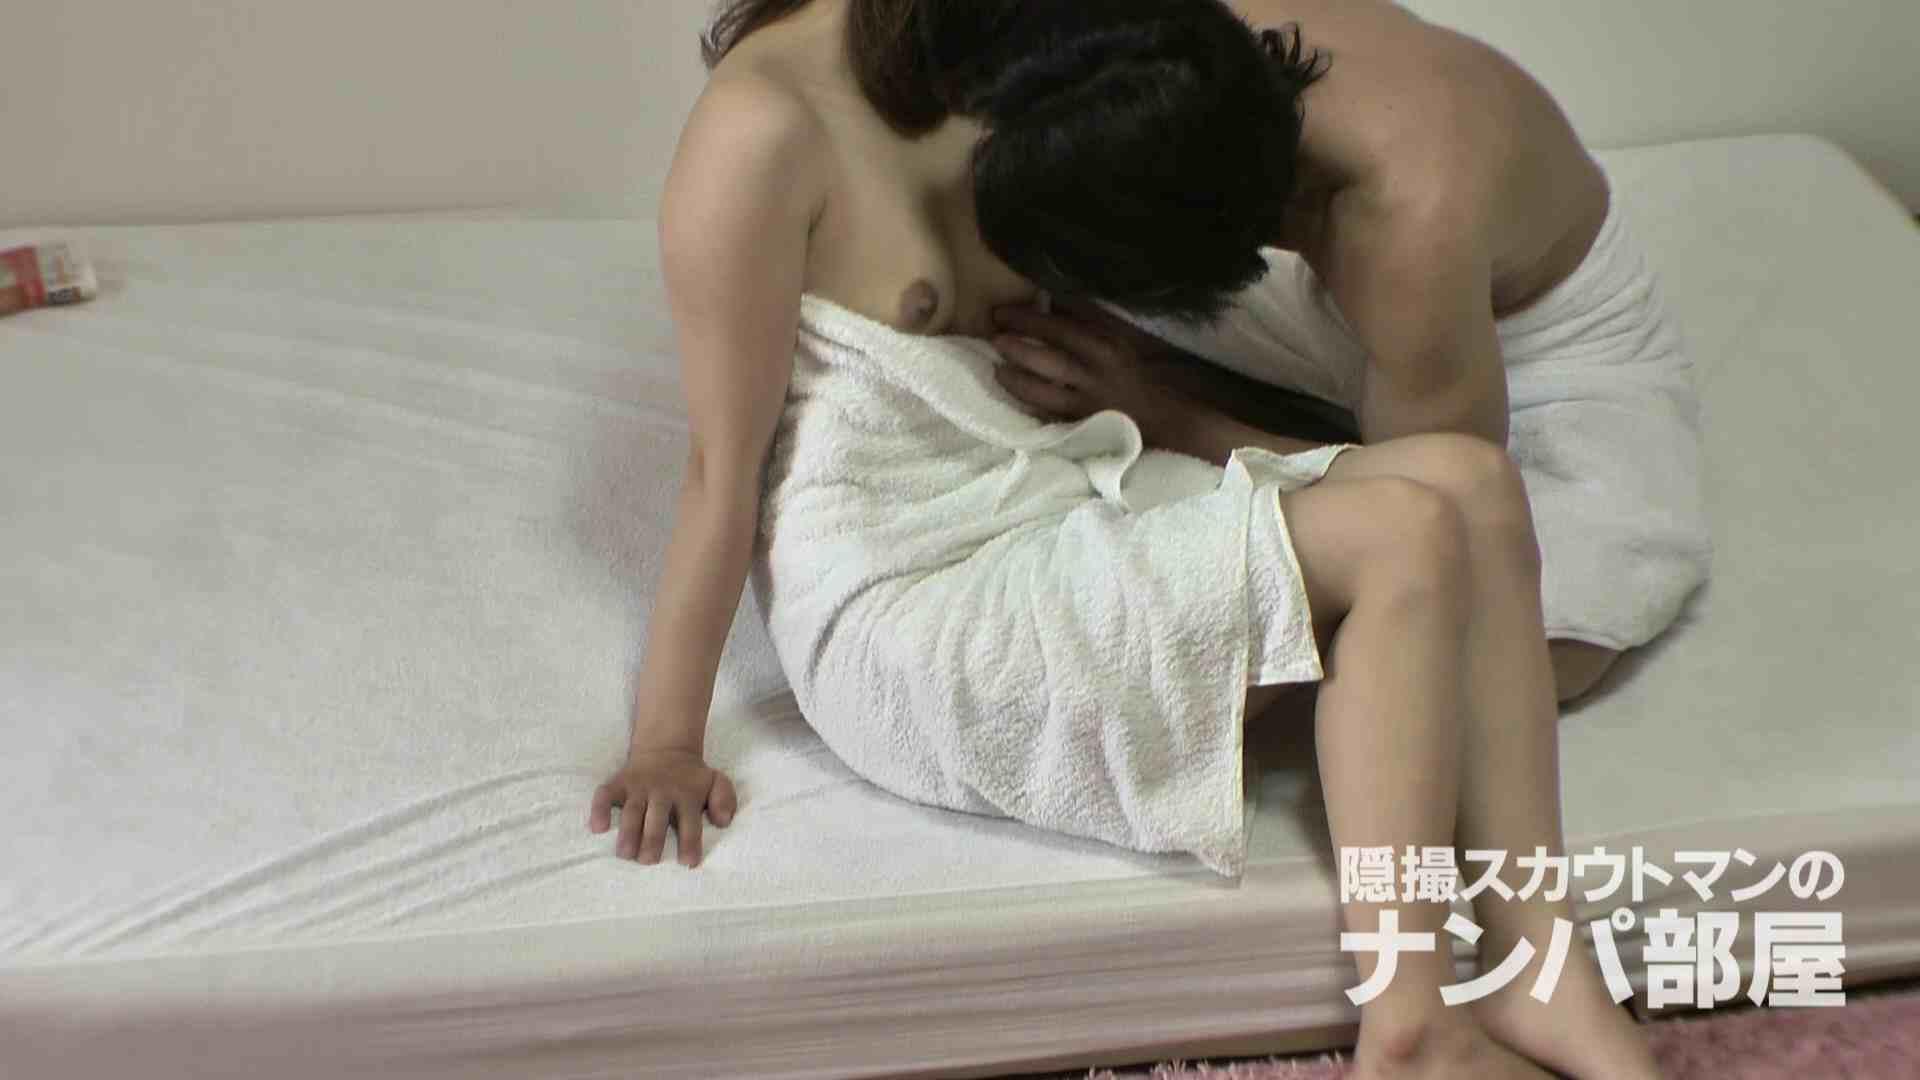 隠撮スカウトマンのナンパ部屋~風俗デビュー前のつまみ食い~ sii 0   0  104画像 70